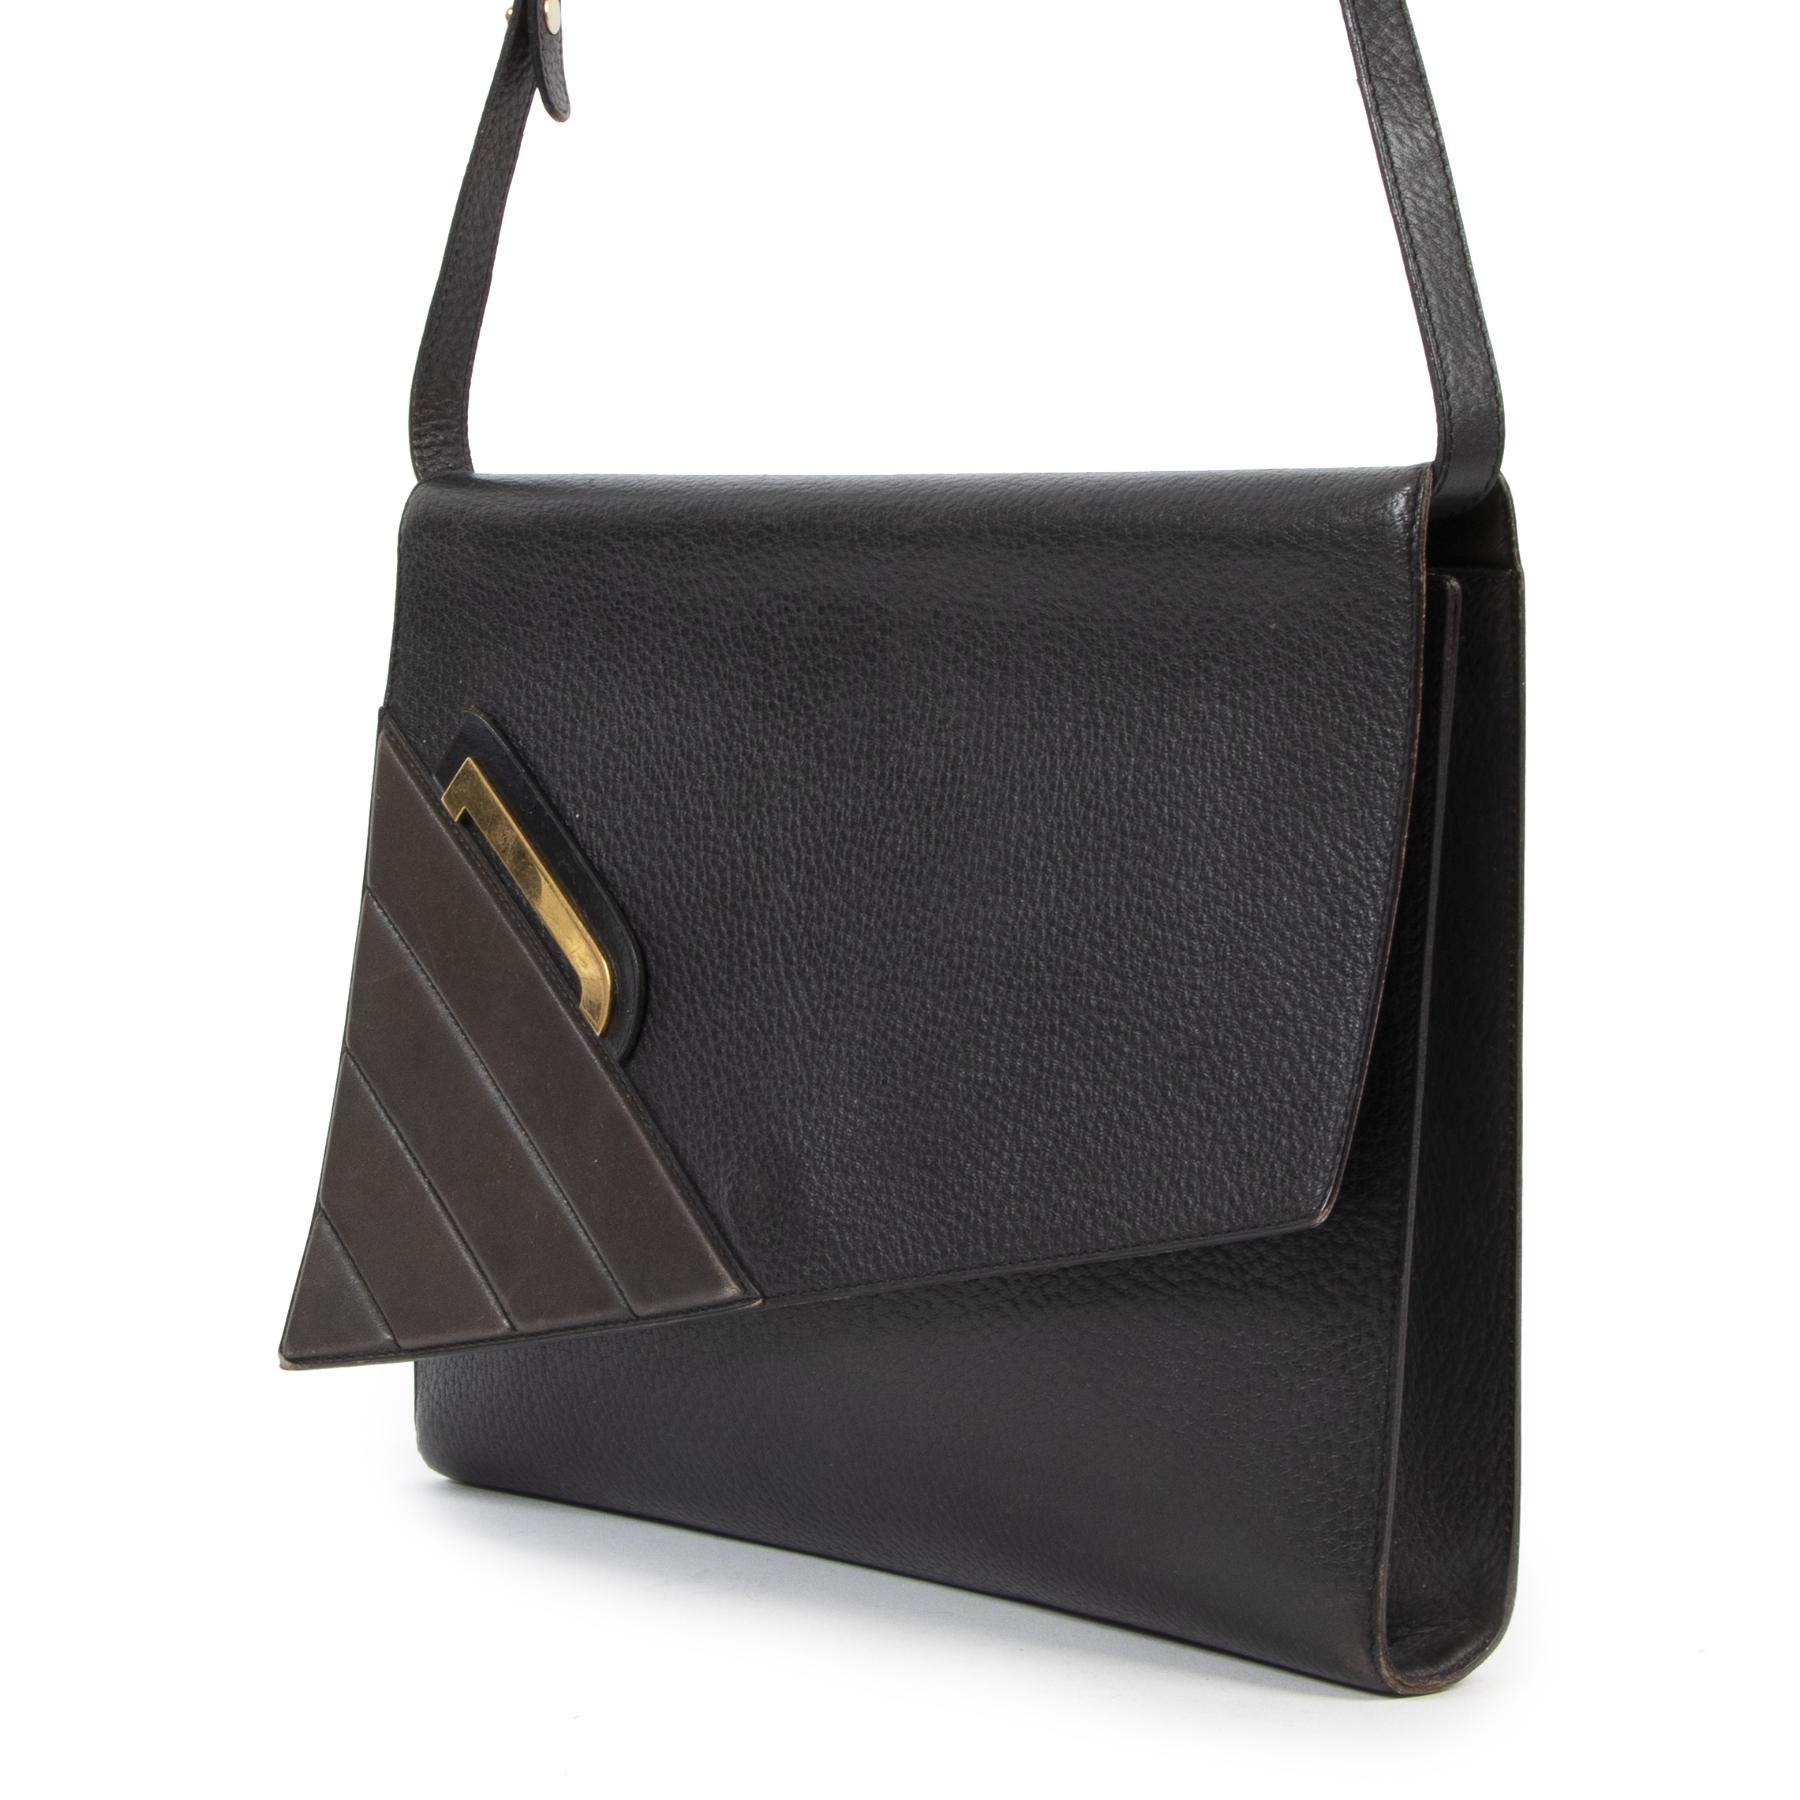 Delvaux Black and Blue Shoulder Bag pour le meilleur prix chez Labellov à Anvers Belgique